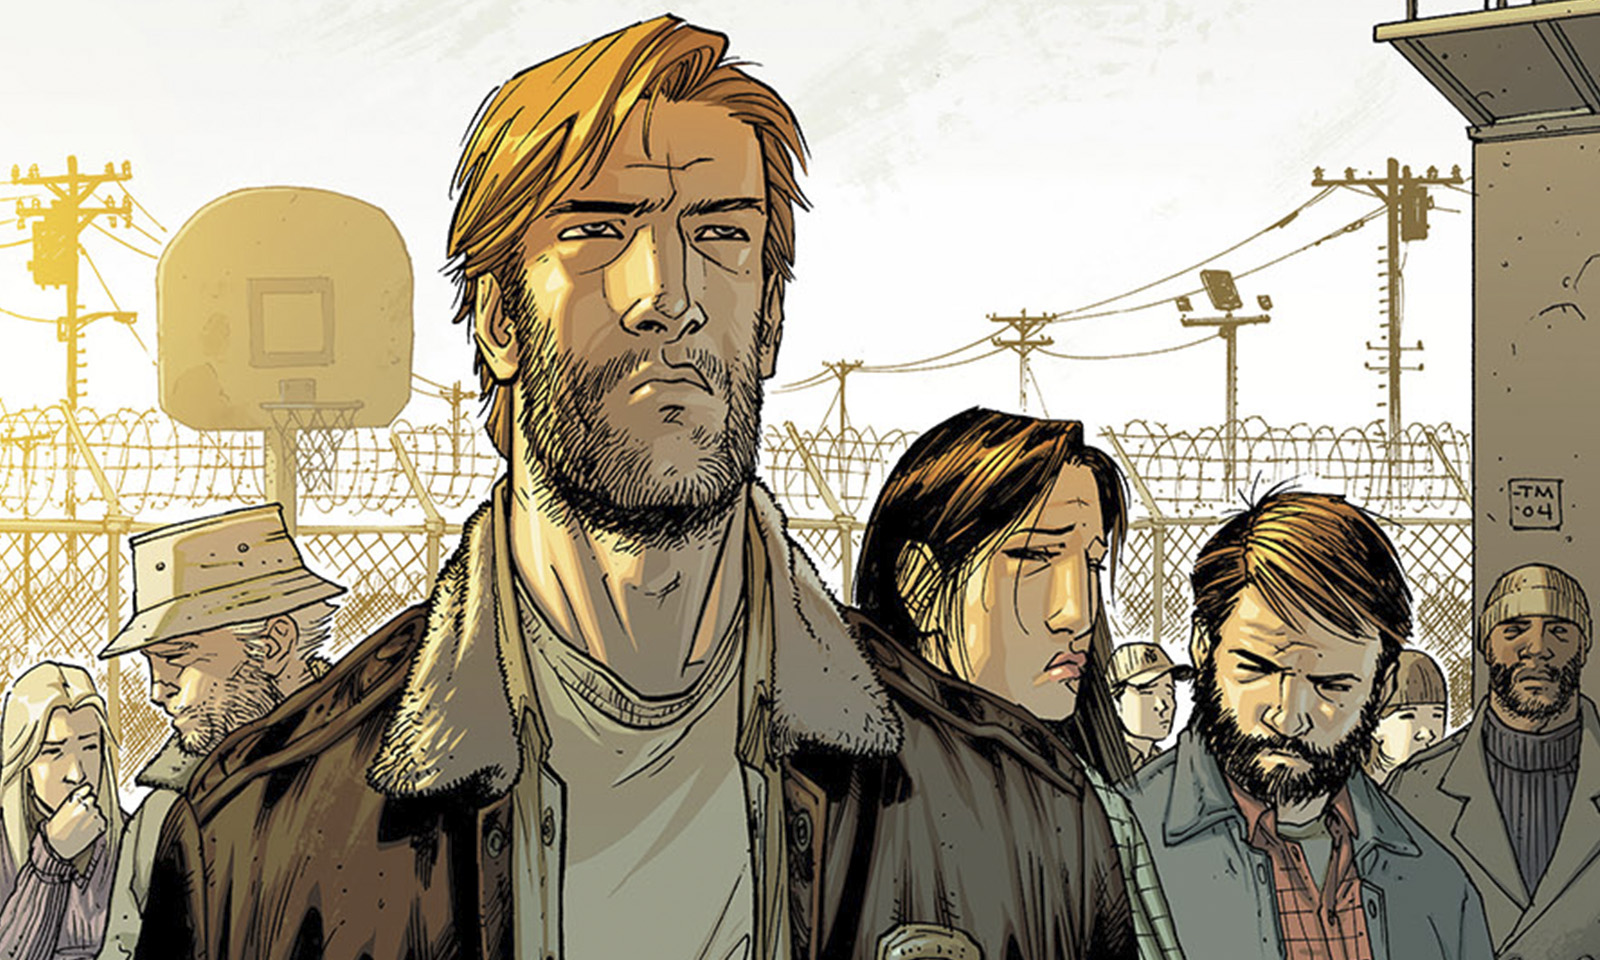 Rick e o grupo no pátio da prisão na capa da edição The Walking Dead 18